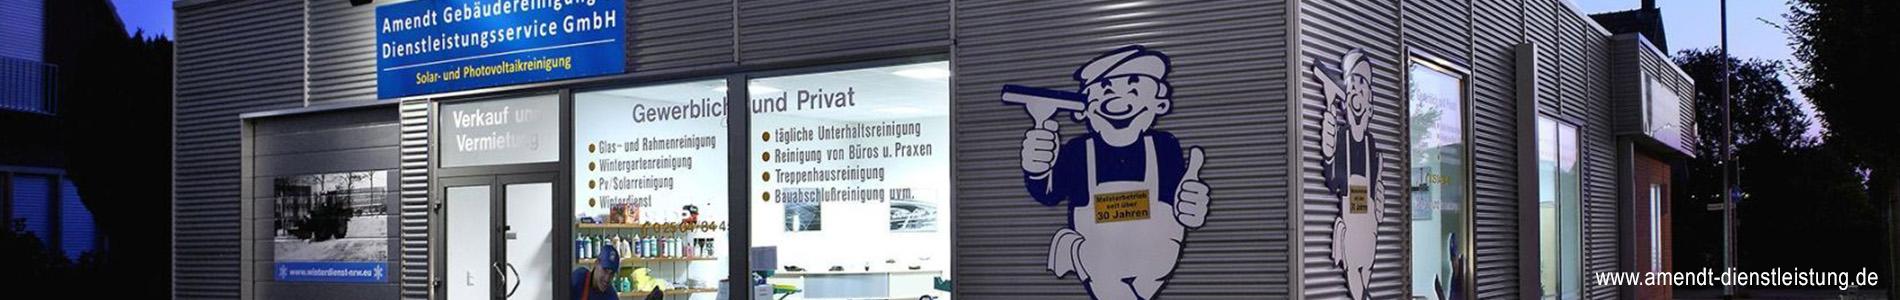 Gebäudereinigung Münster, Amendt Dienstleistungsservice, Firmenzentrale Telgte 2